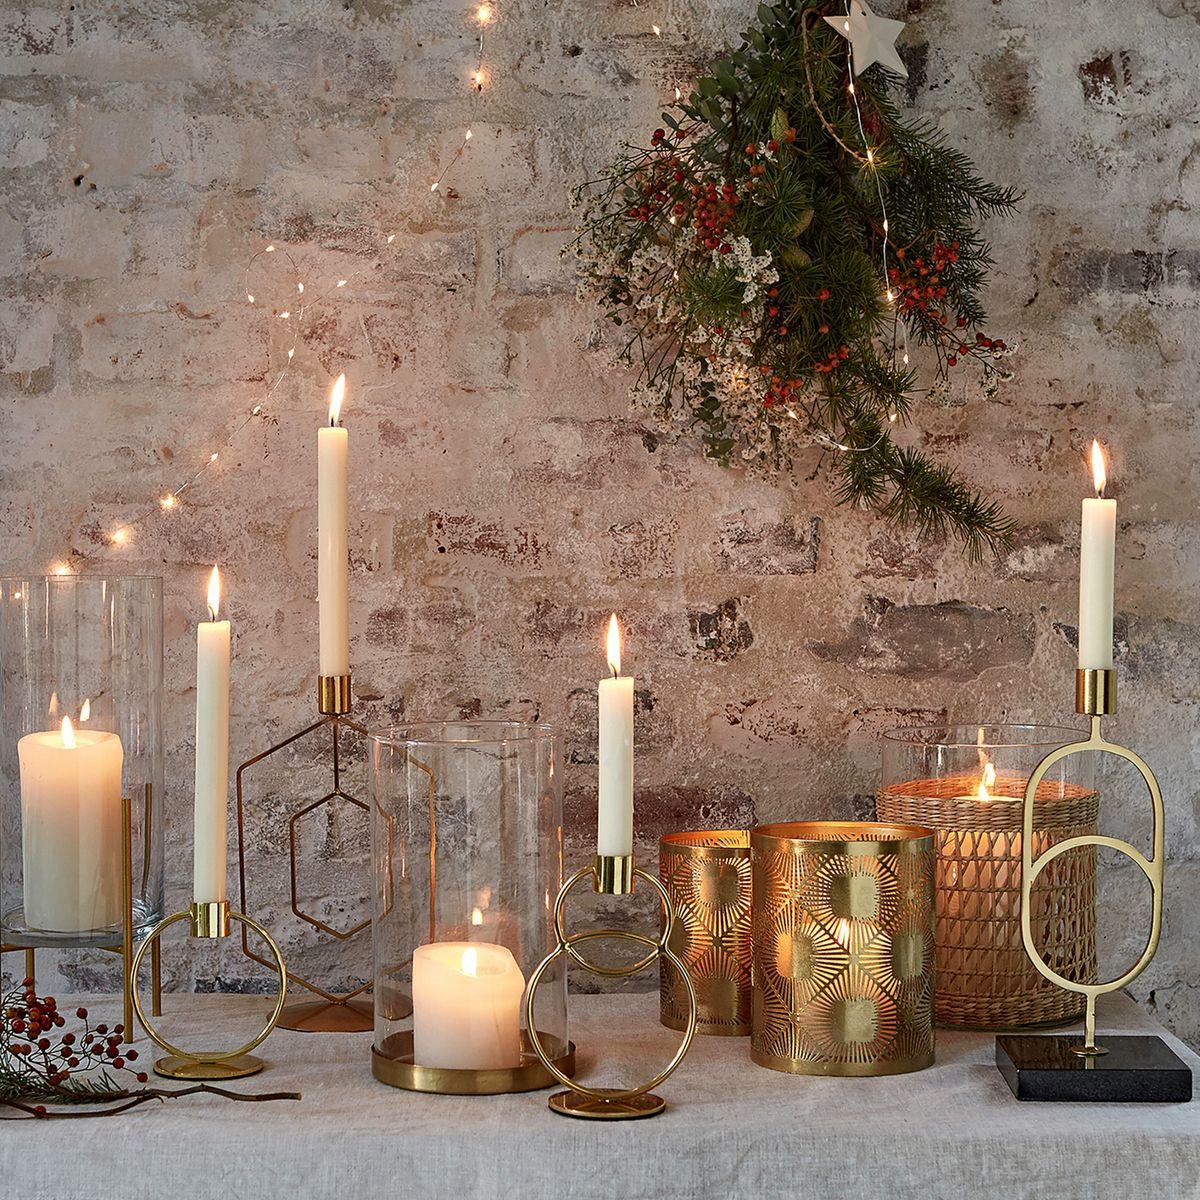 décoration décembre bougie dorée photophore verre cheminée hiver